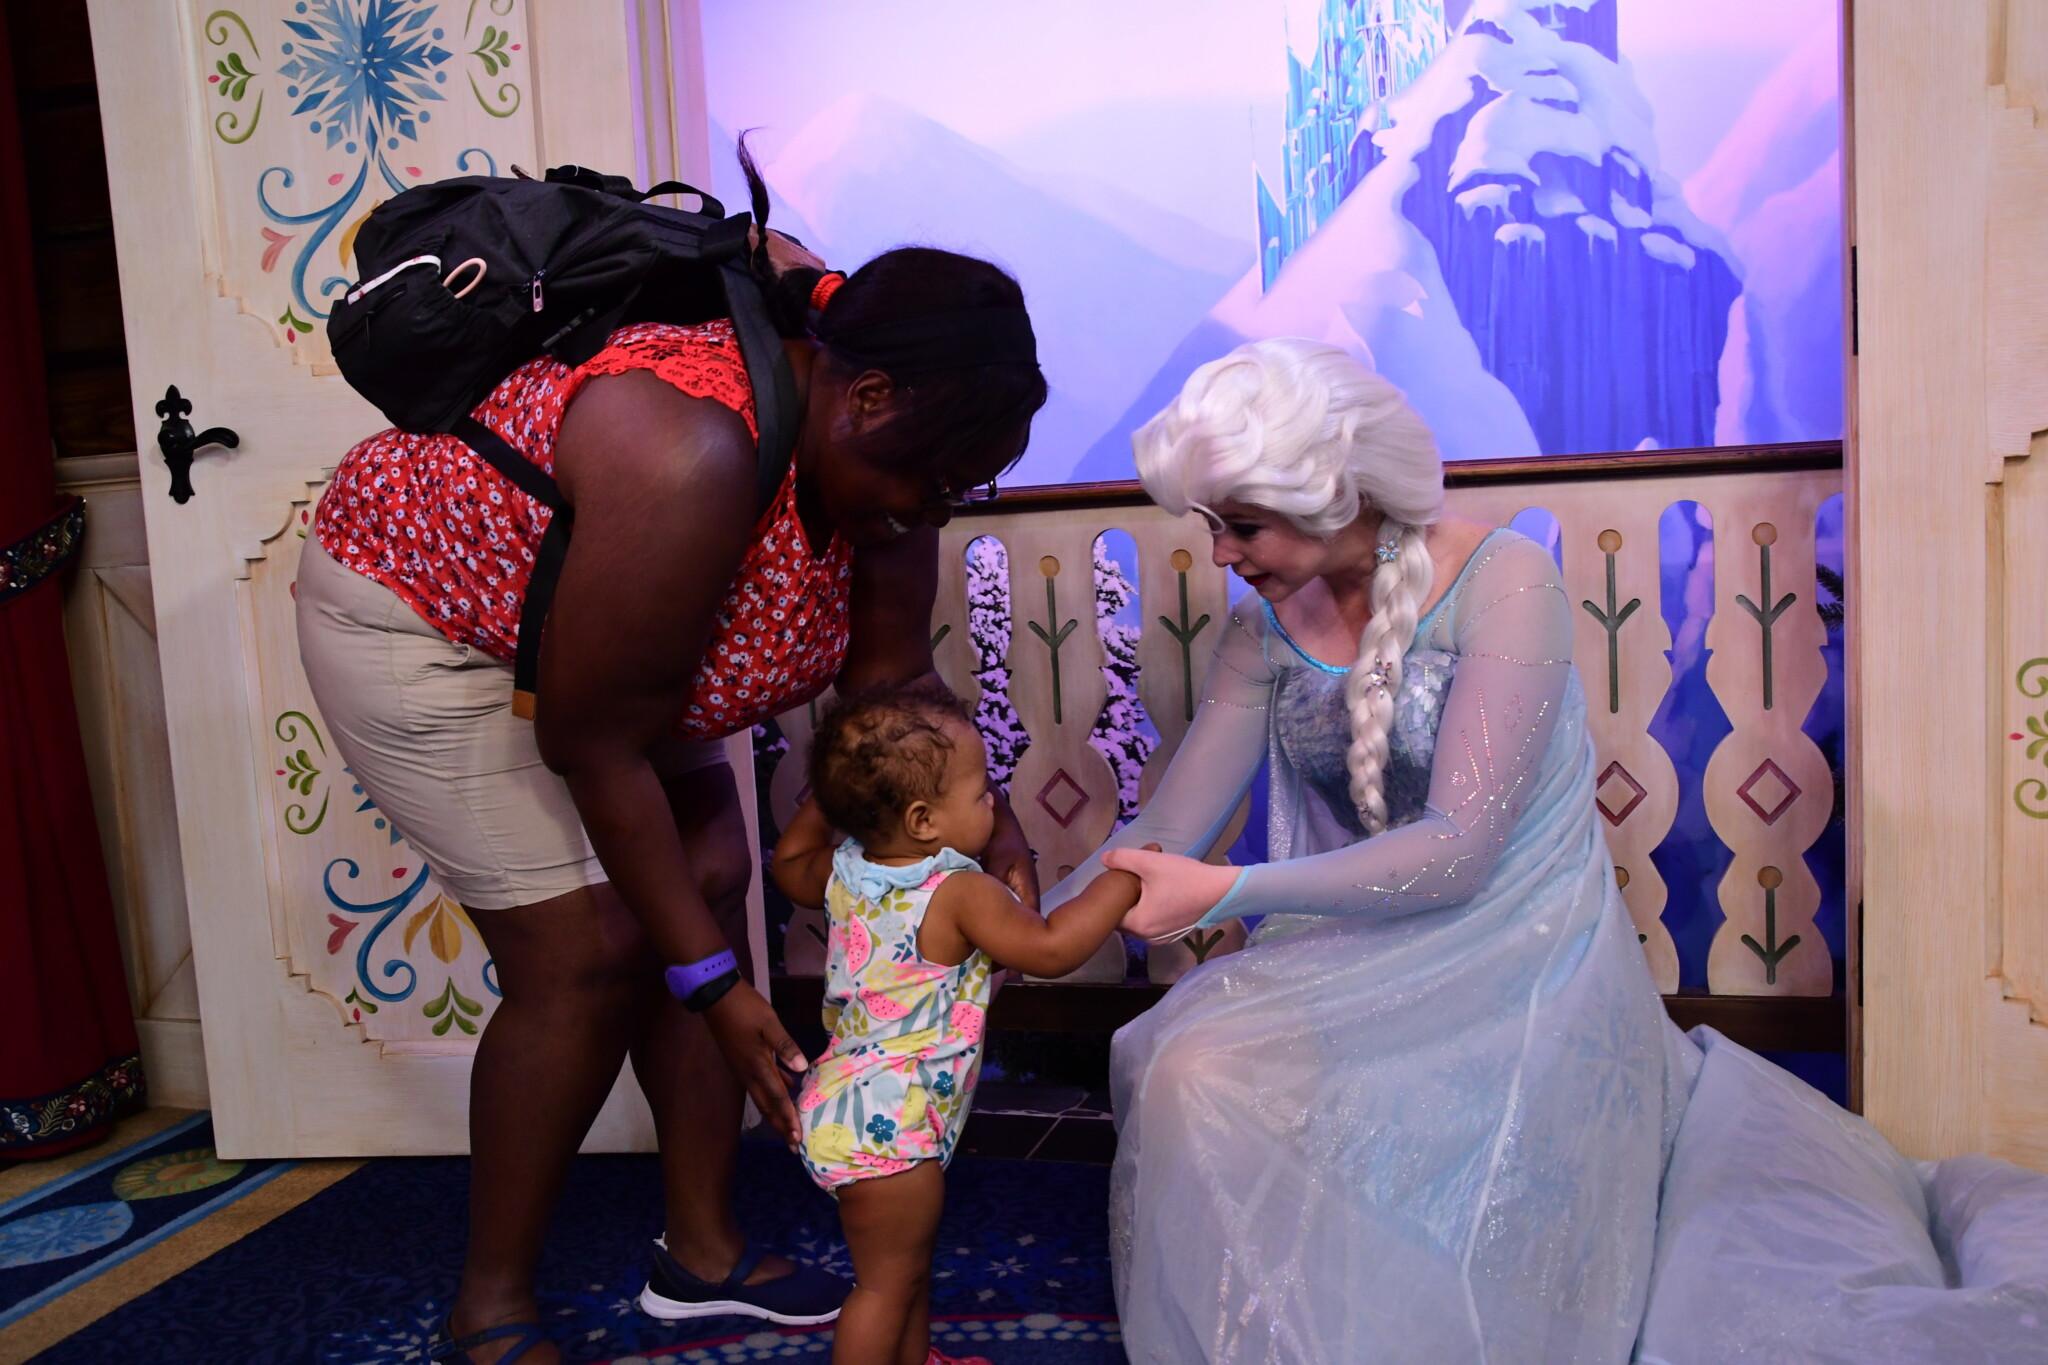 2 semaines en Floride avec un bébé de 1 an - Séjour du 2 au 16 mai 2019 DCL + WDW - Page 18 C1b5154b-09c1-4007-94df-f1cfb4004535-2048x1365